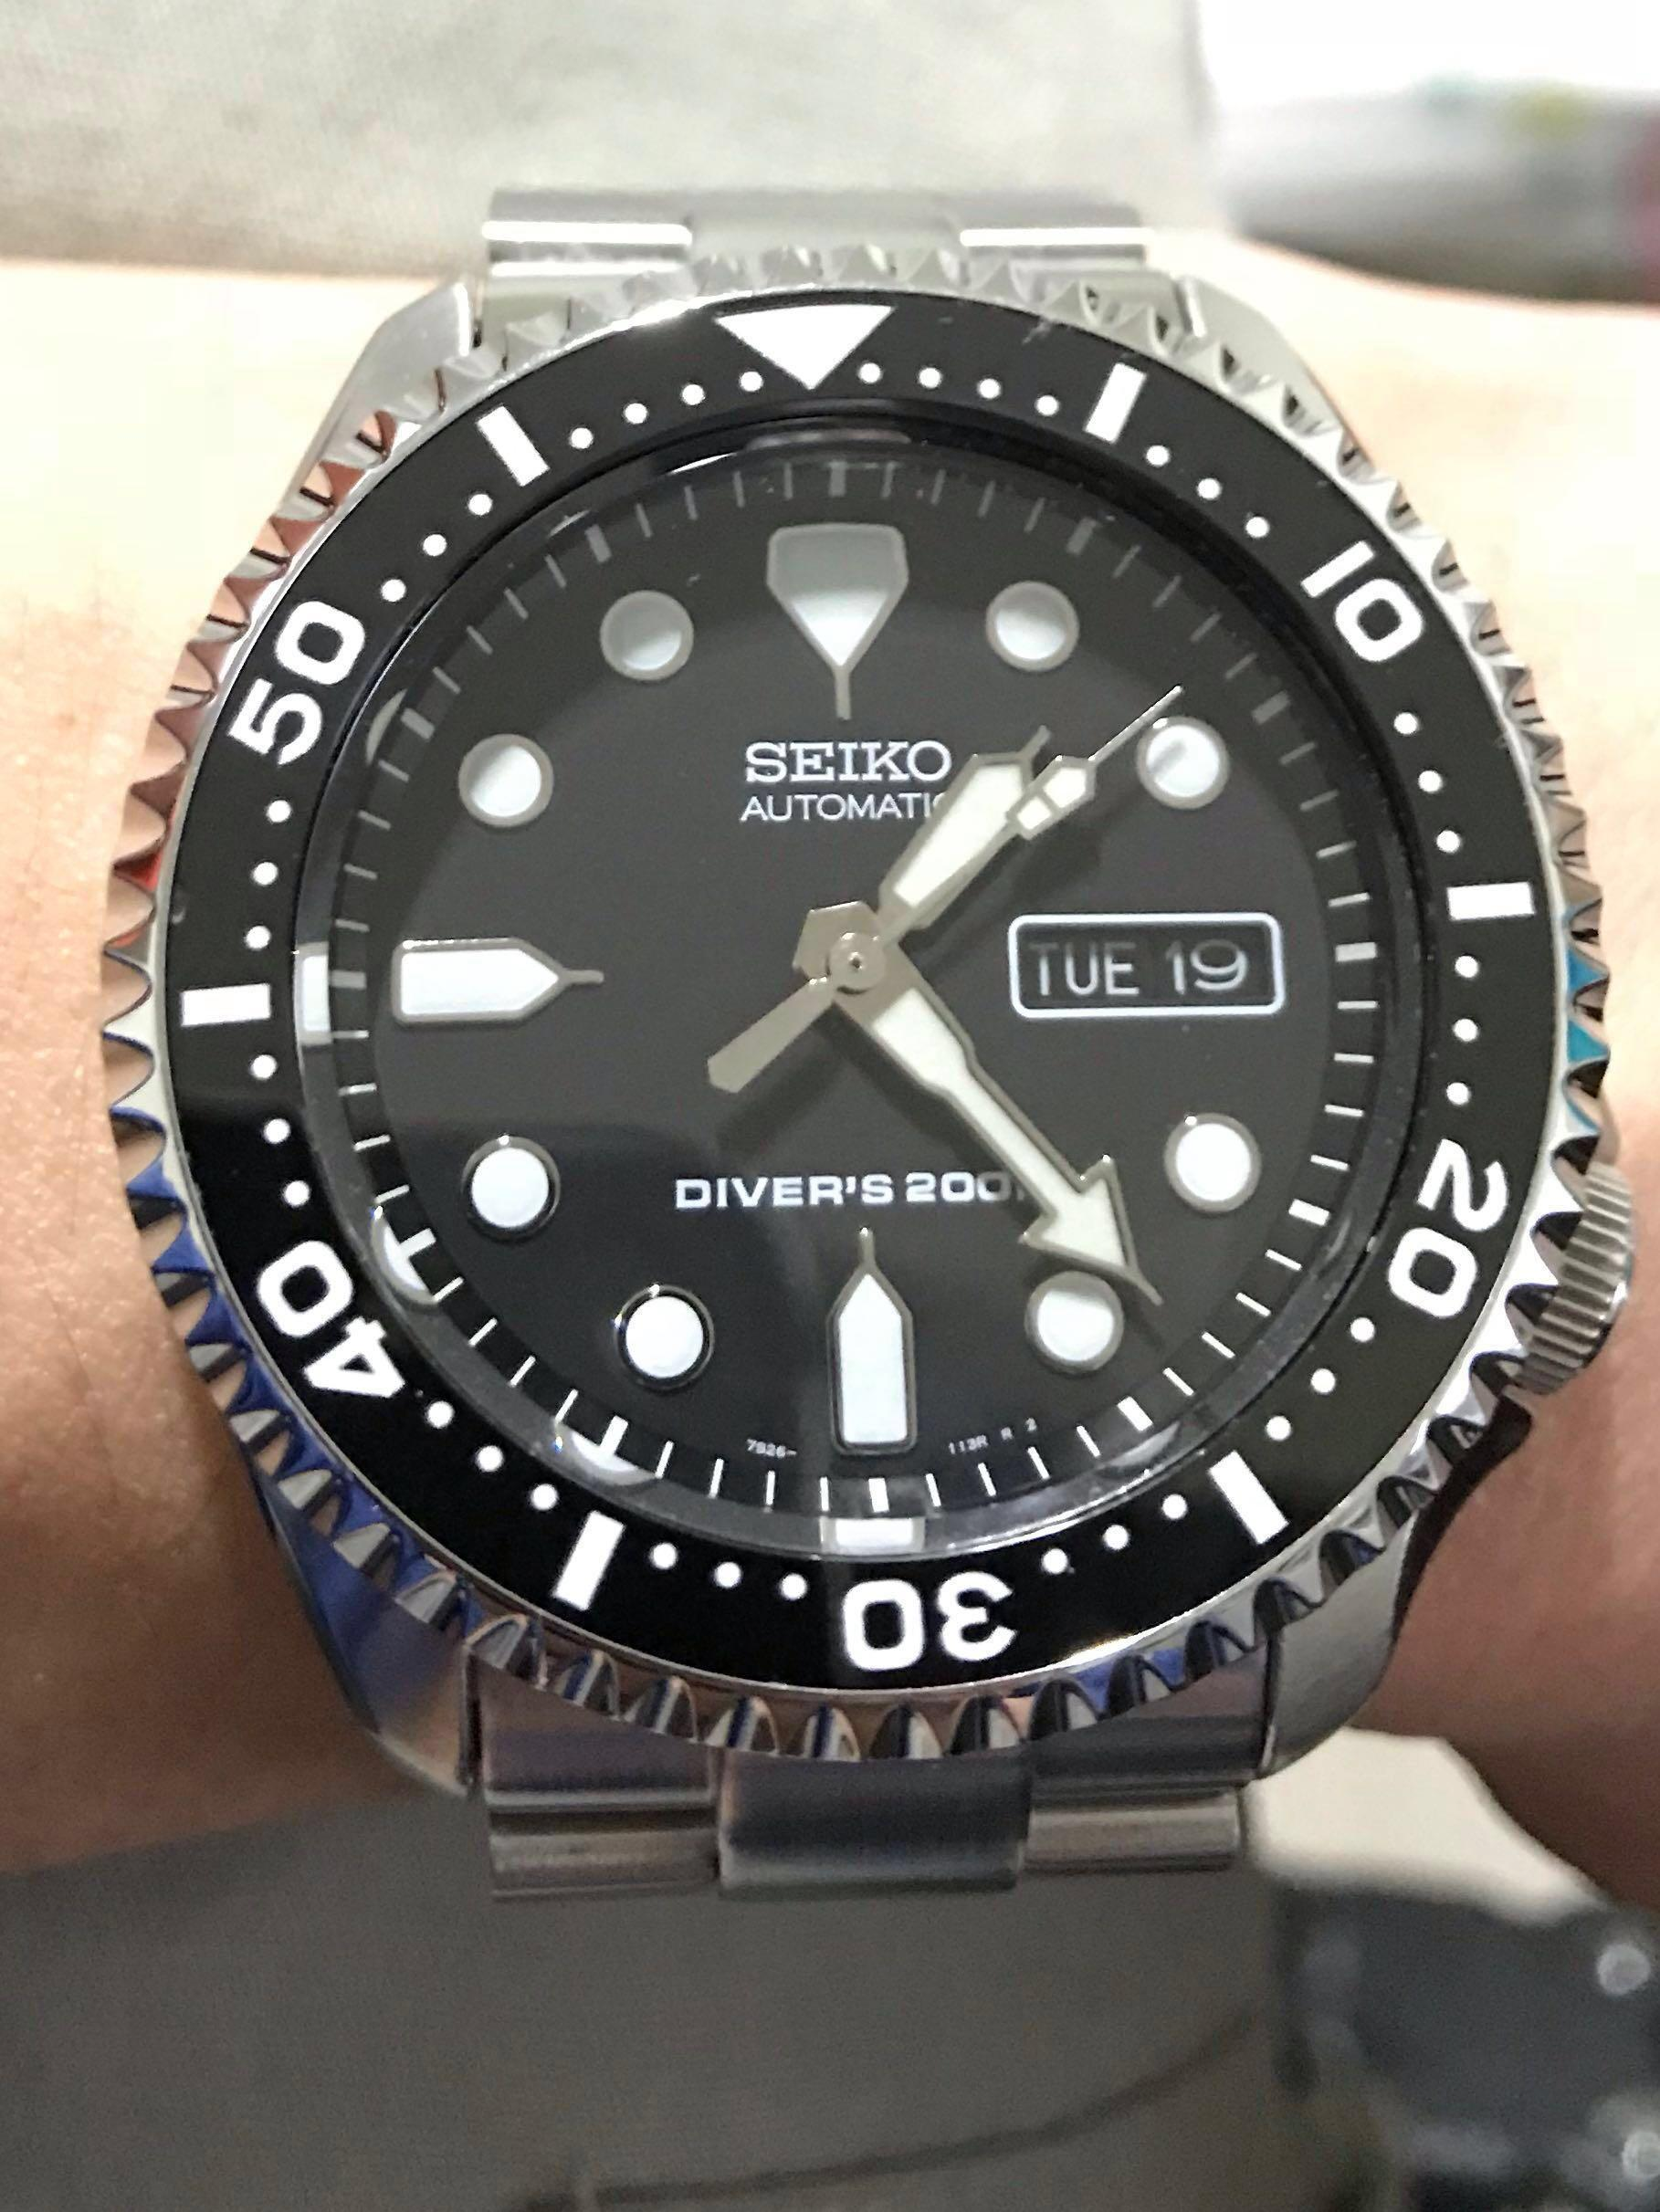 Submariner style bezel for seiko skx skx007 skx009, Men's